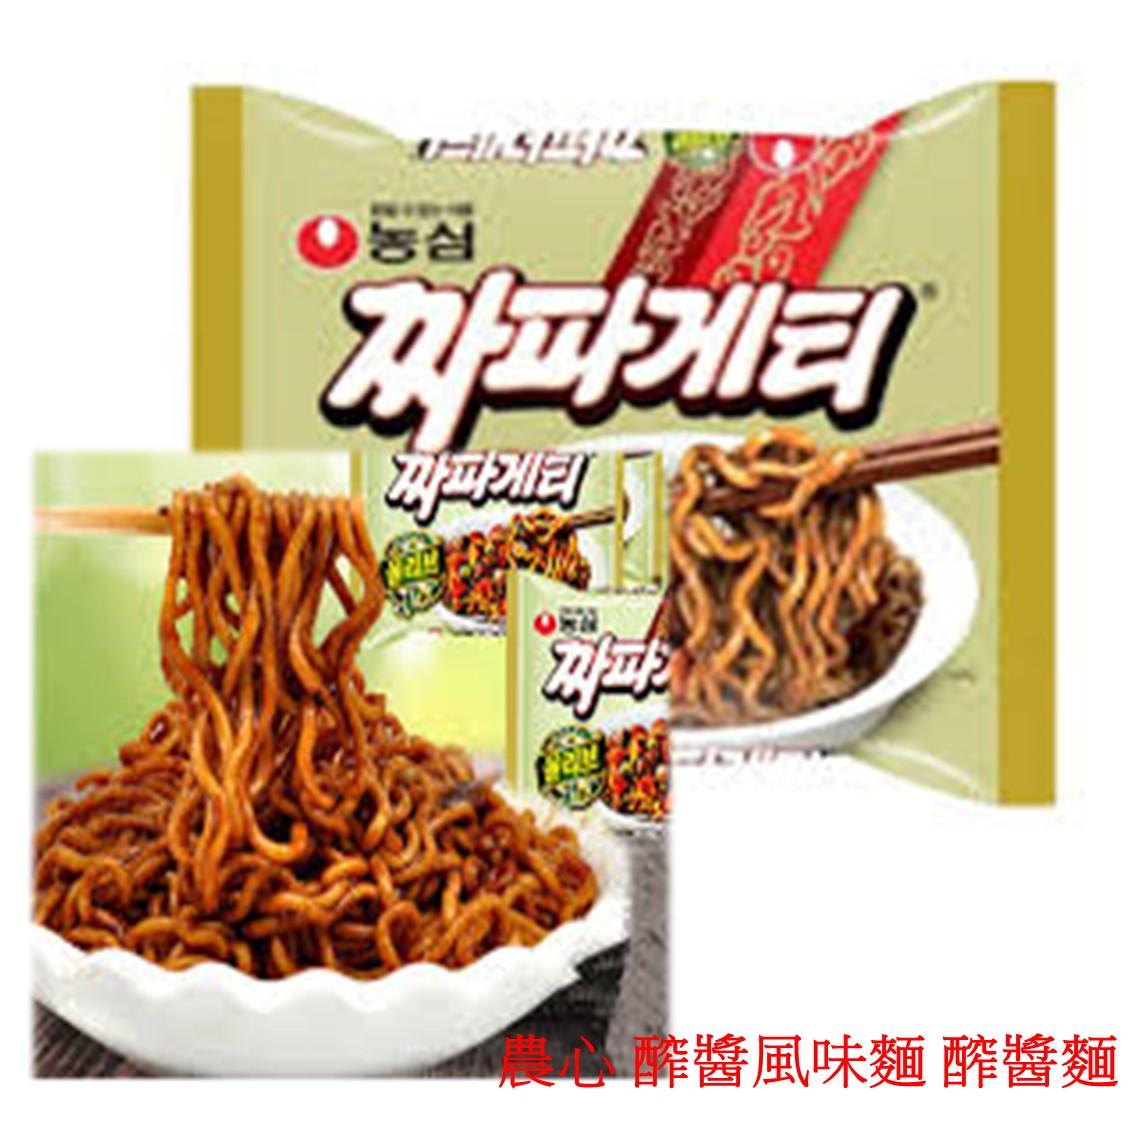 ↘$29 韓國農心炸醬麵 醡醬麵 黑麵 爸爸去哪兒推薦 泡麵 1包 【樂活生活館】